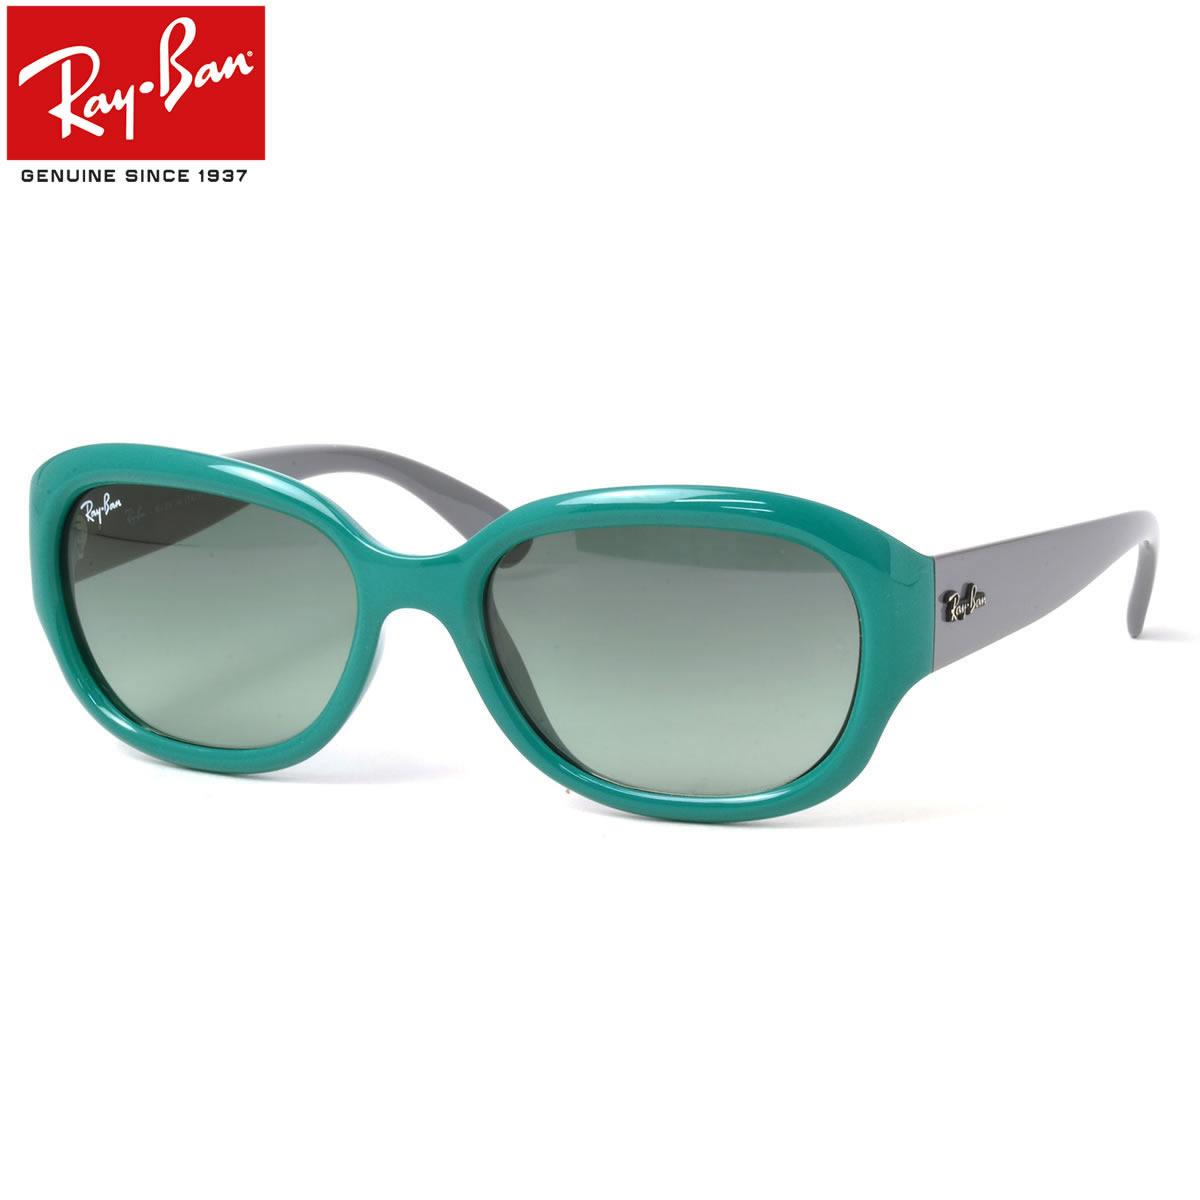 レイバン サングラス Ray-Ban RB4198 604771 55サイズ レイバン RAYBAN 6047/71 メンズ レディース